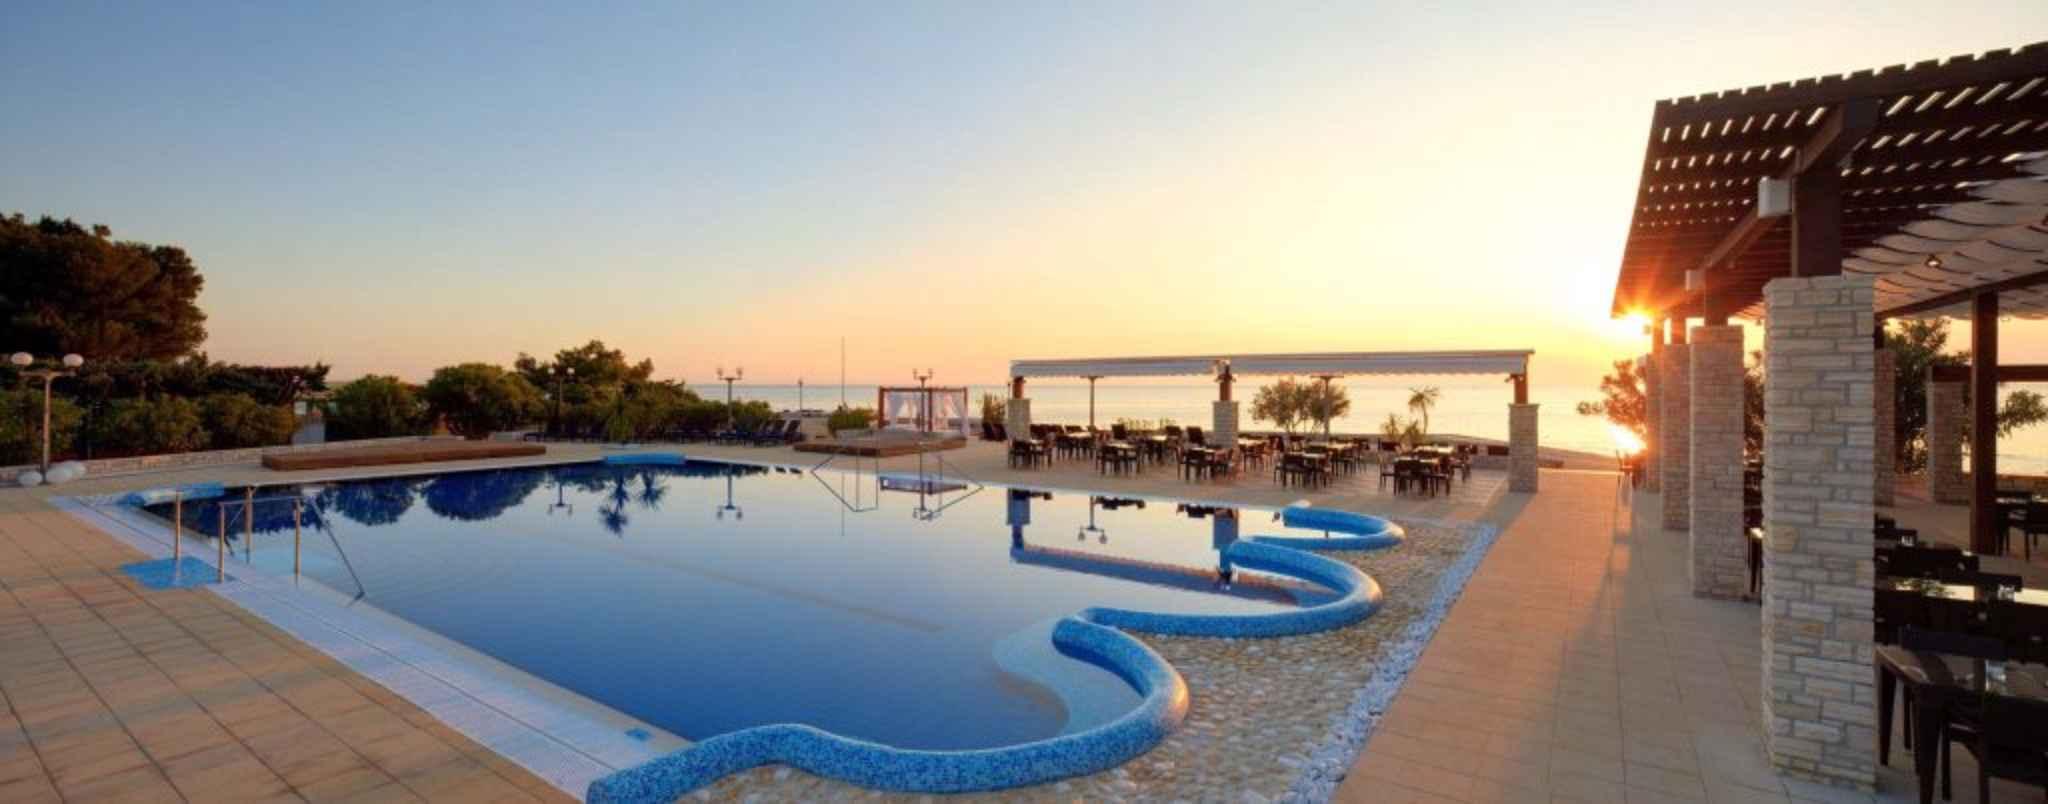 Ferienwohnung im Stella Maris Resort (281127), Umag, , Istrien, Kroatien, Bild 21